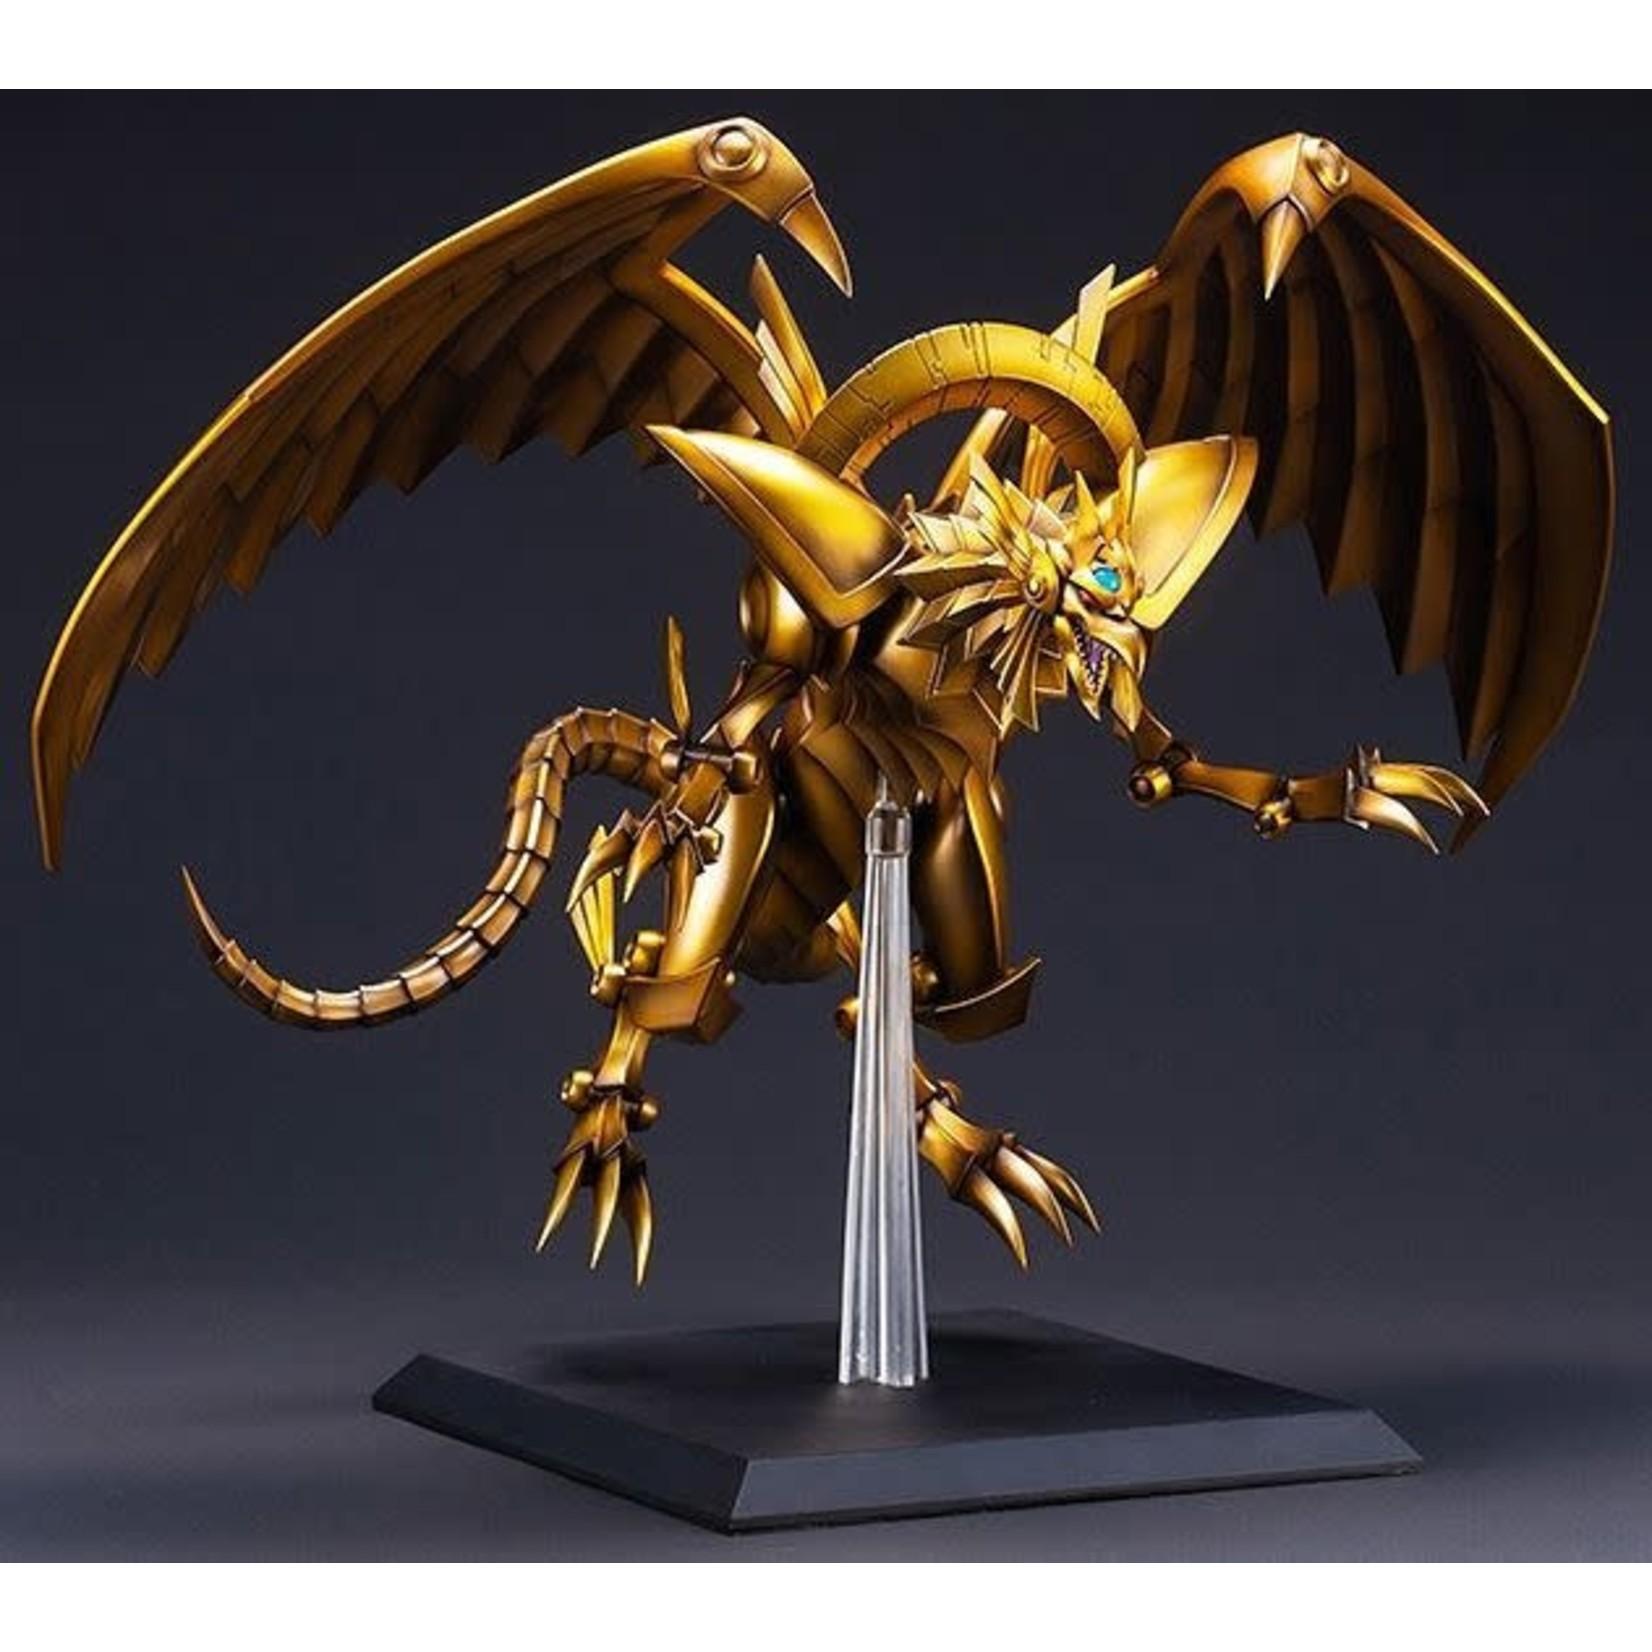 Kotobukiya [Preorder] Yu-Gi-Oh - The Winged Dragon of Ra Egyptian God Statue